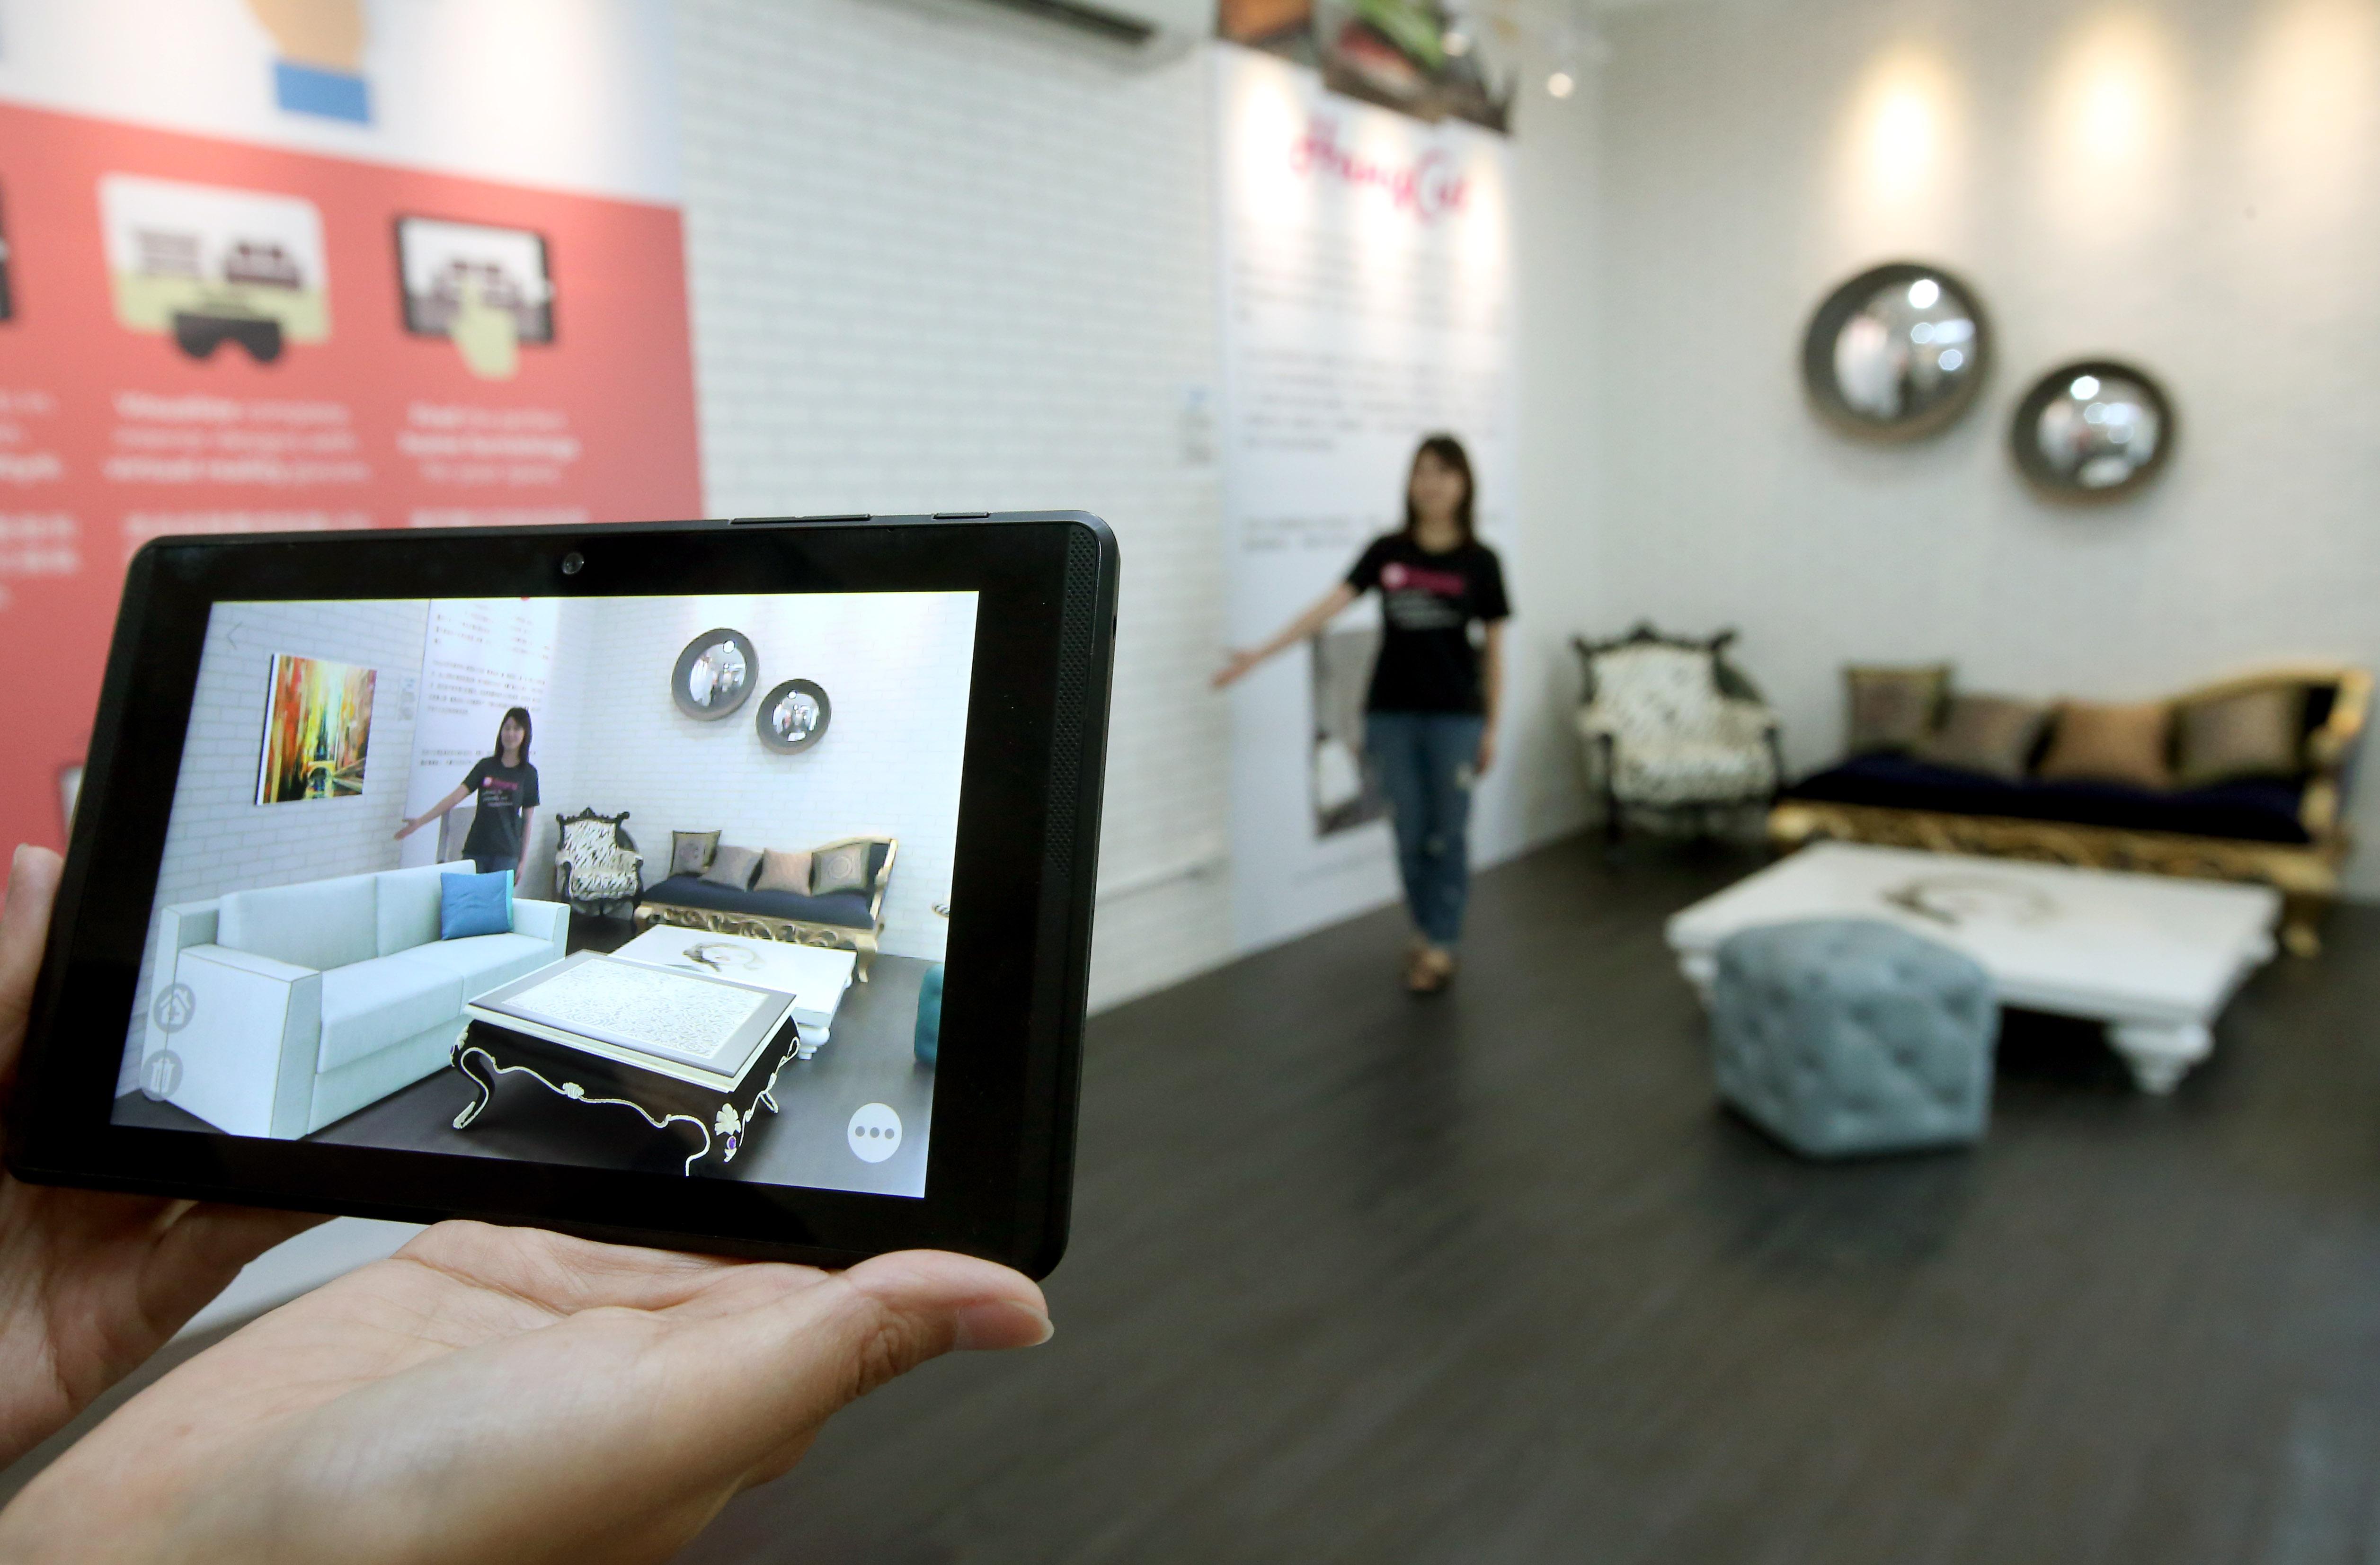 【創業超新星】智慧城市-數位宅妝雙R合體  穿越實境看屋去